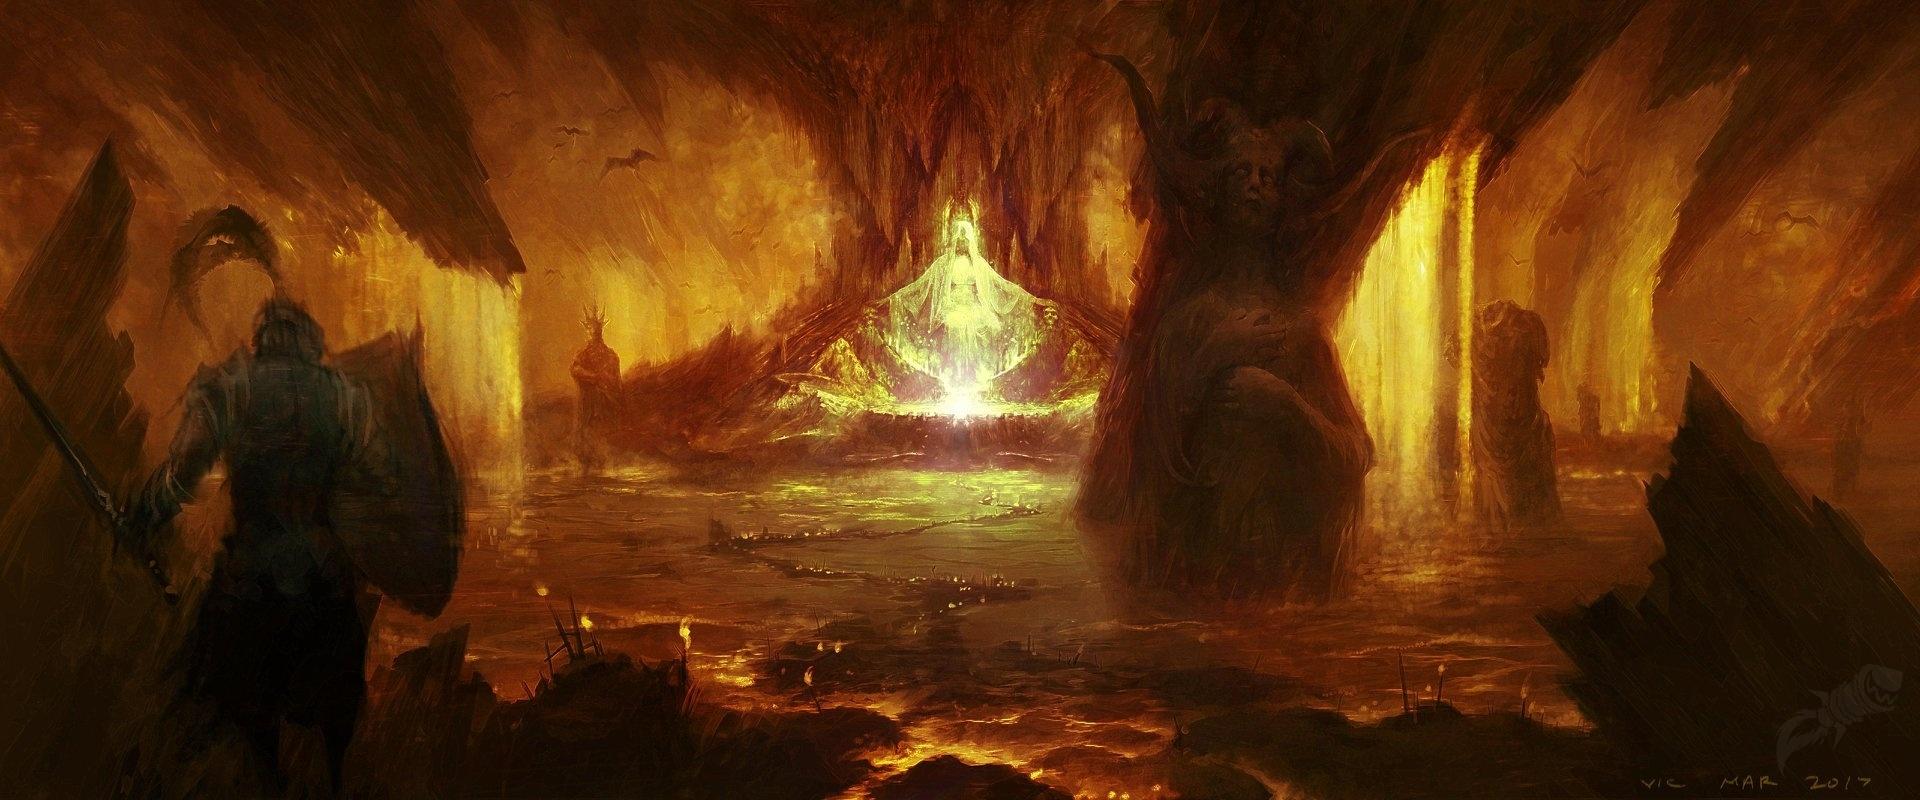 《暗黑破坏神4》概念艺术图及截图 场景壮观画风黑暗